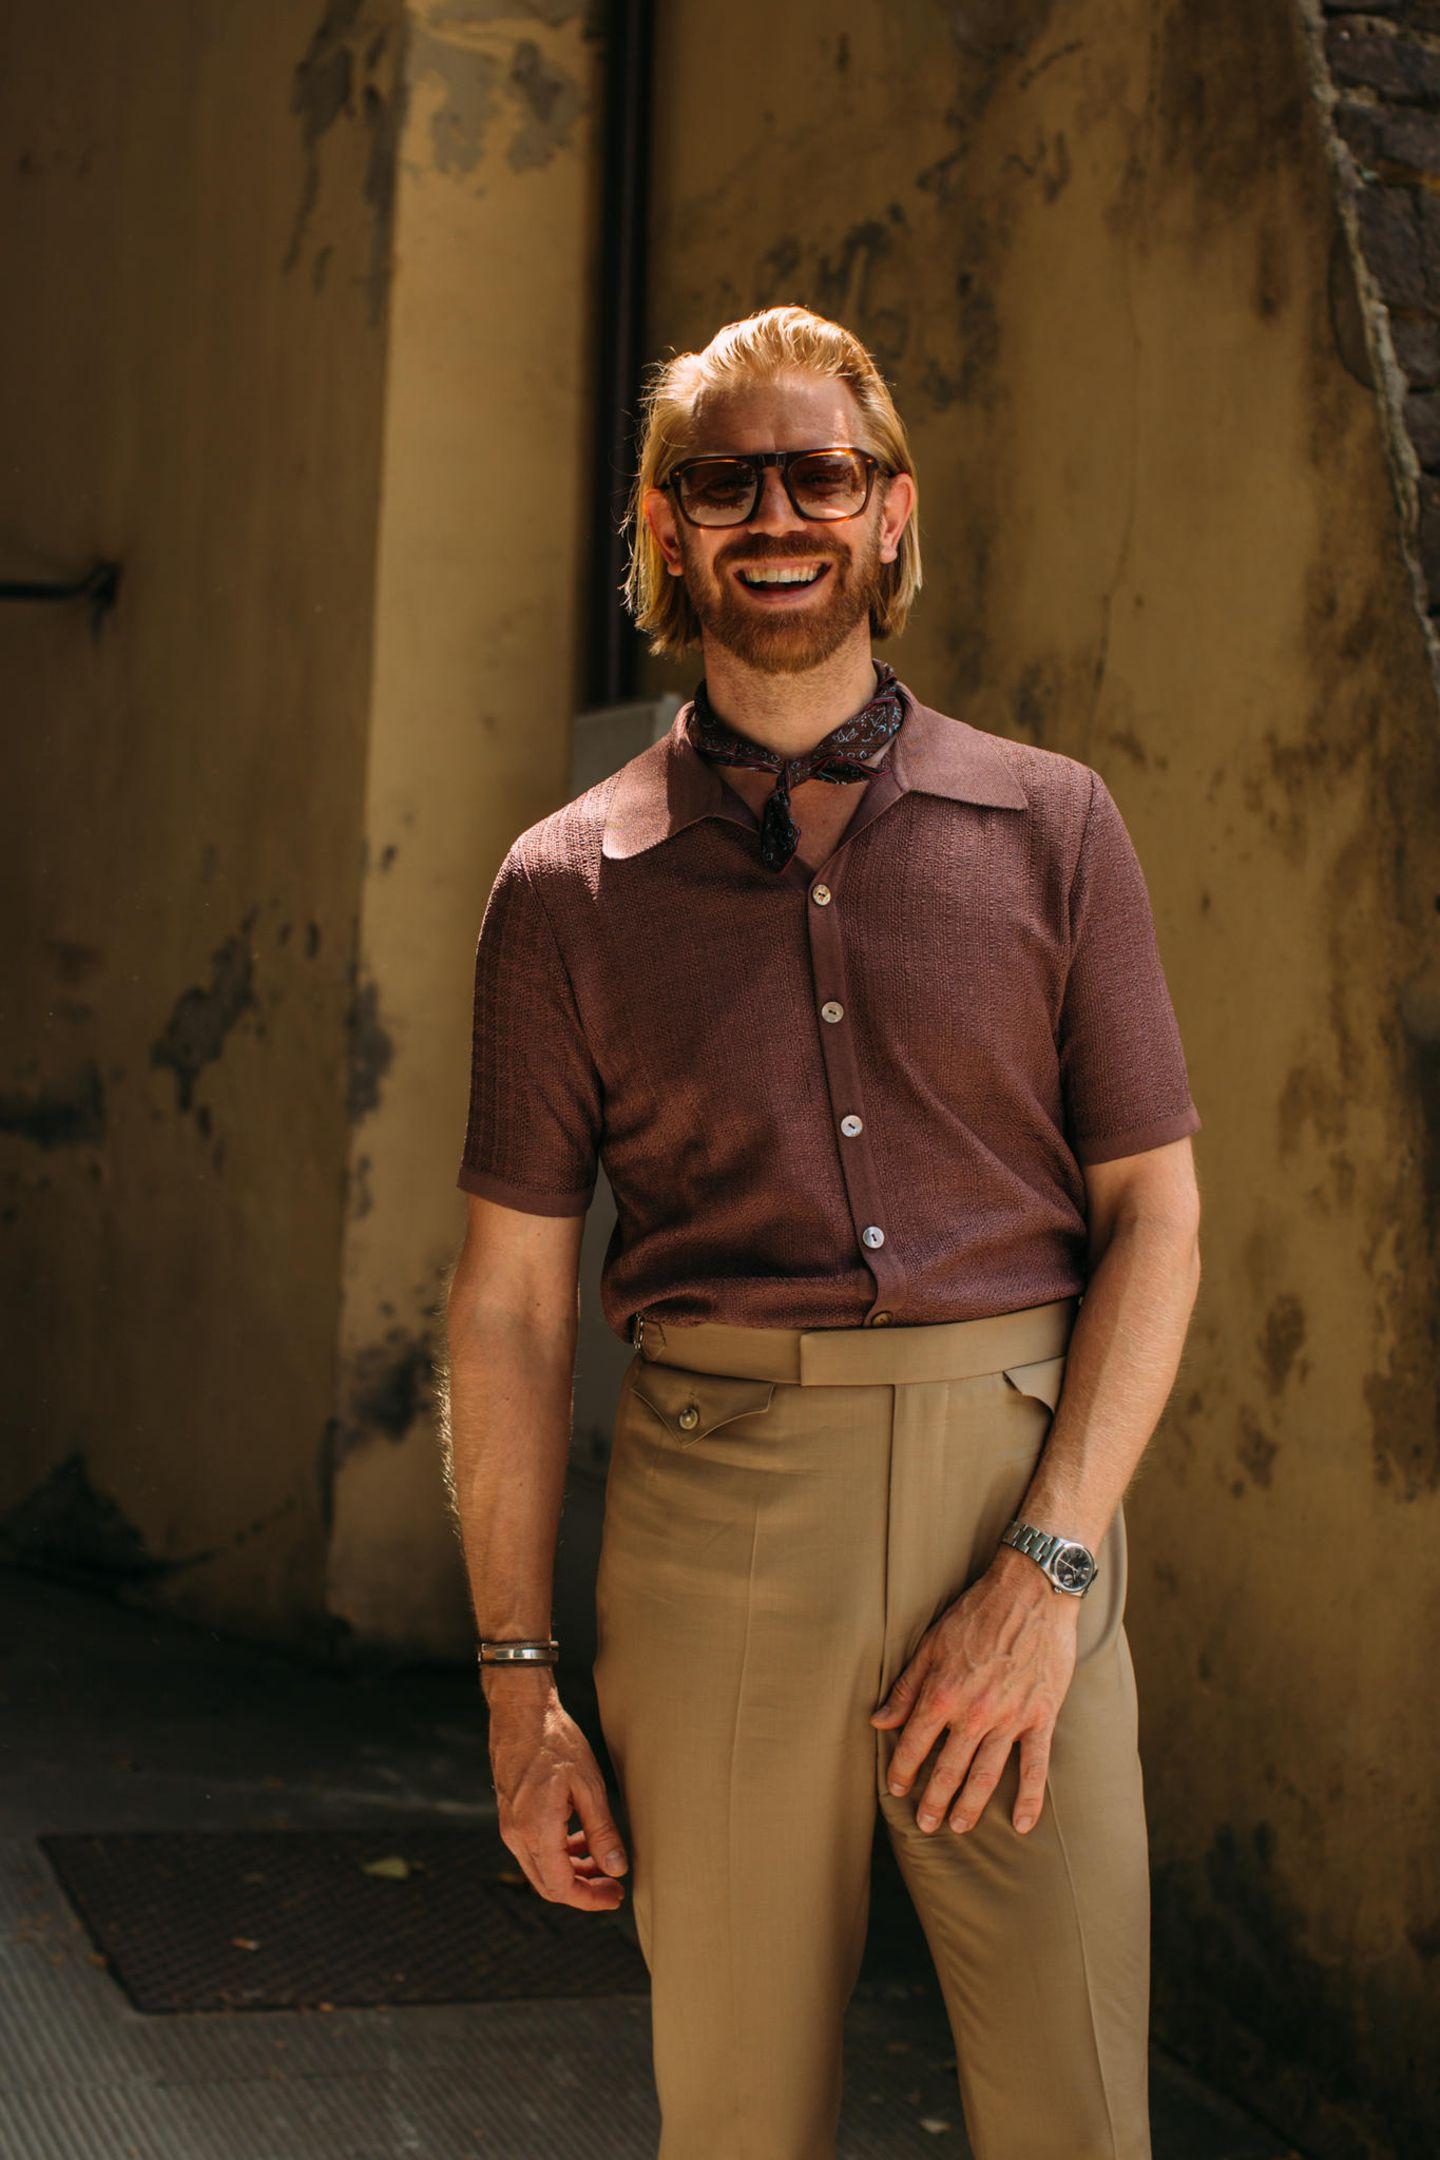 Männerfrisuren: Mann mit Bart und blonden Haaren